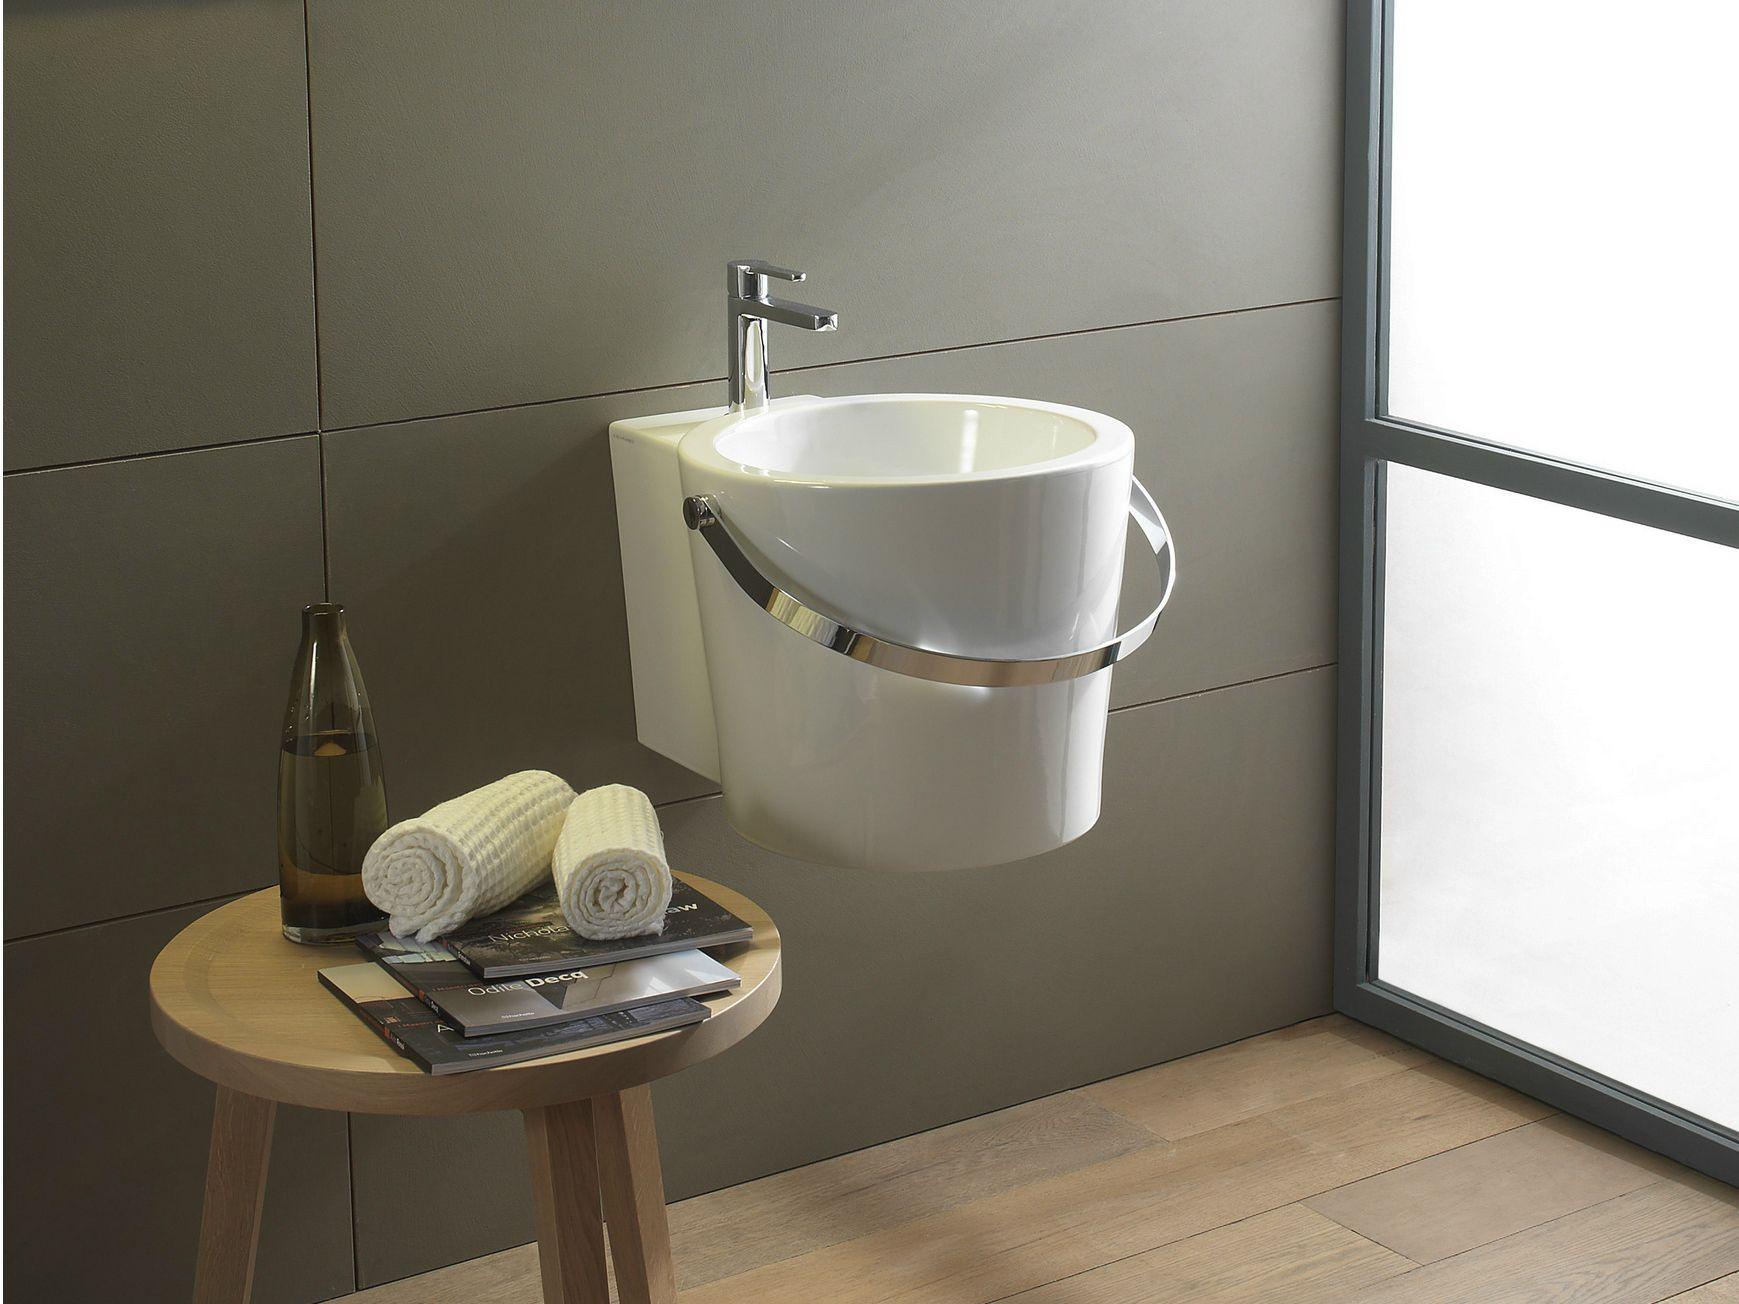 bucket lavabo sospeso by scarabeo ceramiche design